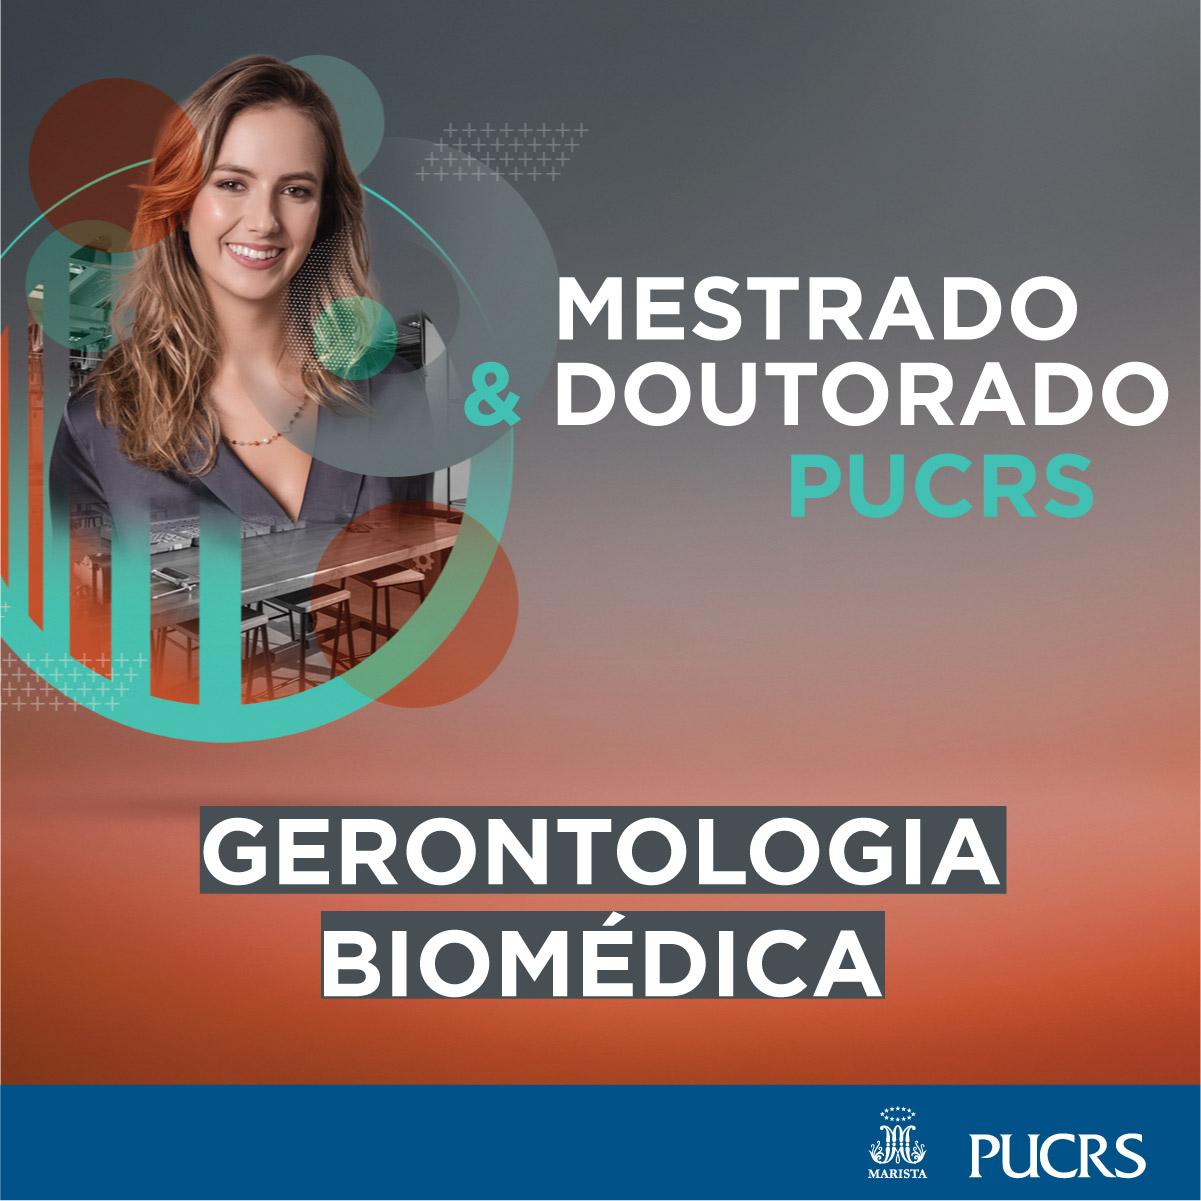 Processo Seletivo de Mestrado e Doutorado do Programa de Pós Graduação em Gerontologia Biomédica – PUC RS